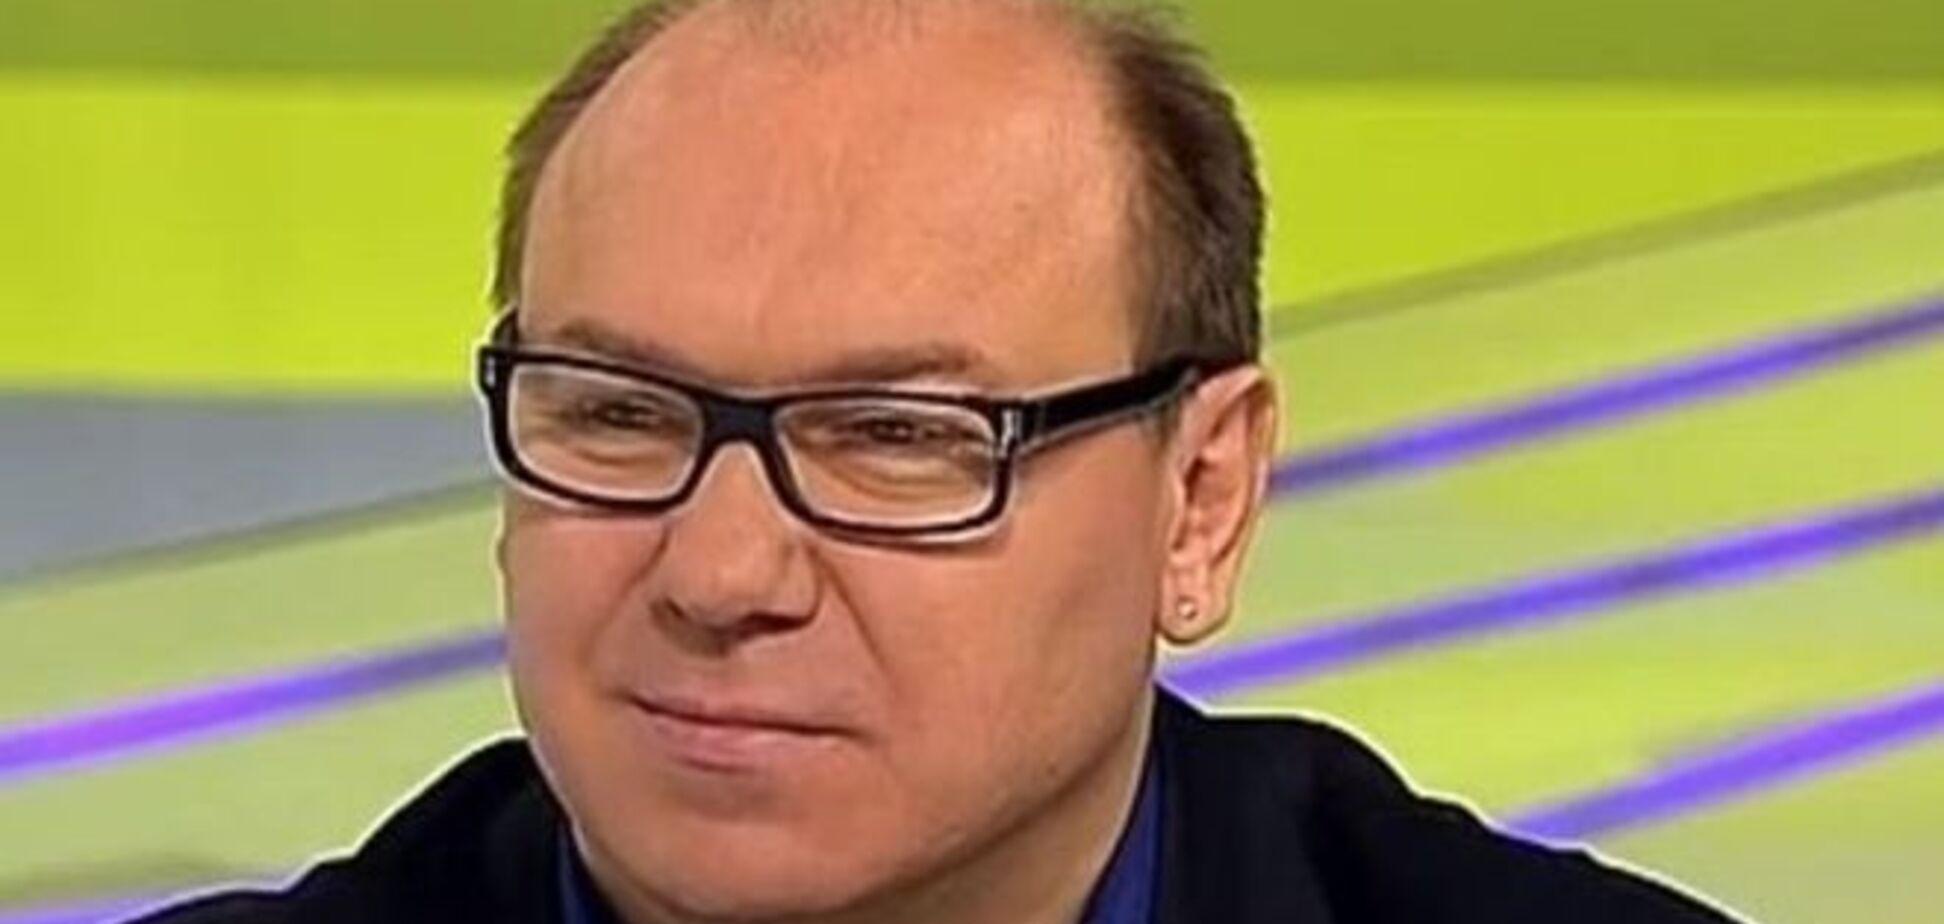 Леоненко: навіть мої коти знають, що народ пахає за 2000 грн, а футболісти за тисячу євро на день